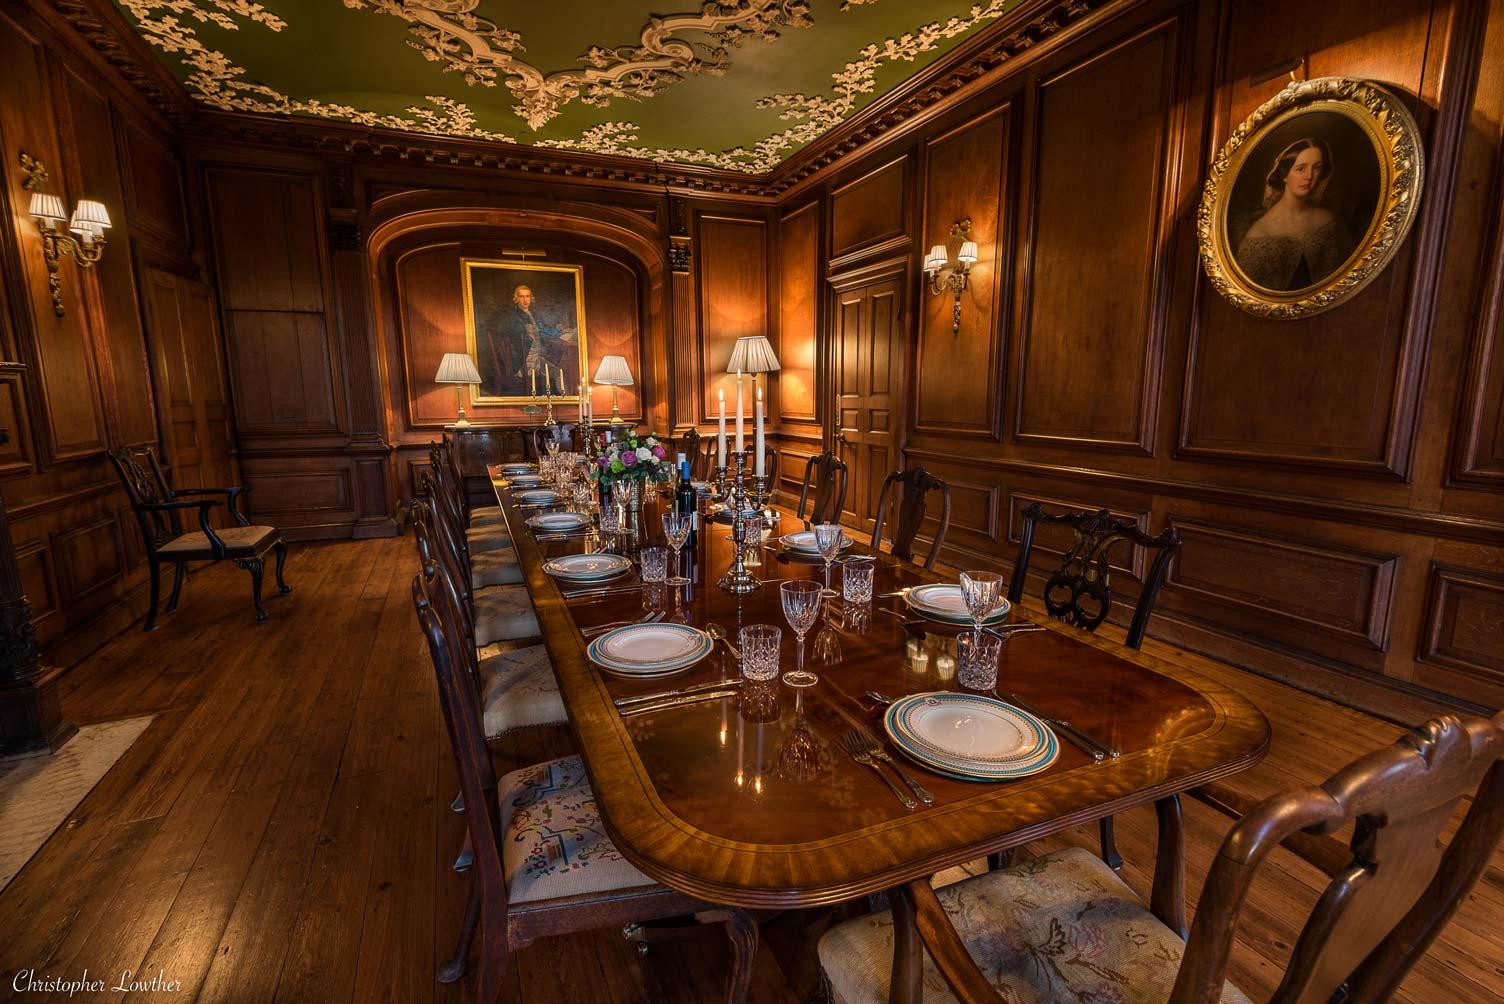 Ardington-Dining-Room-2-Full-Res-(1-of-1)